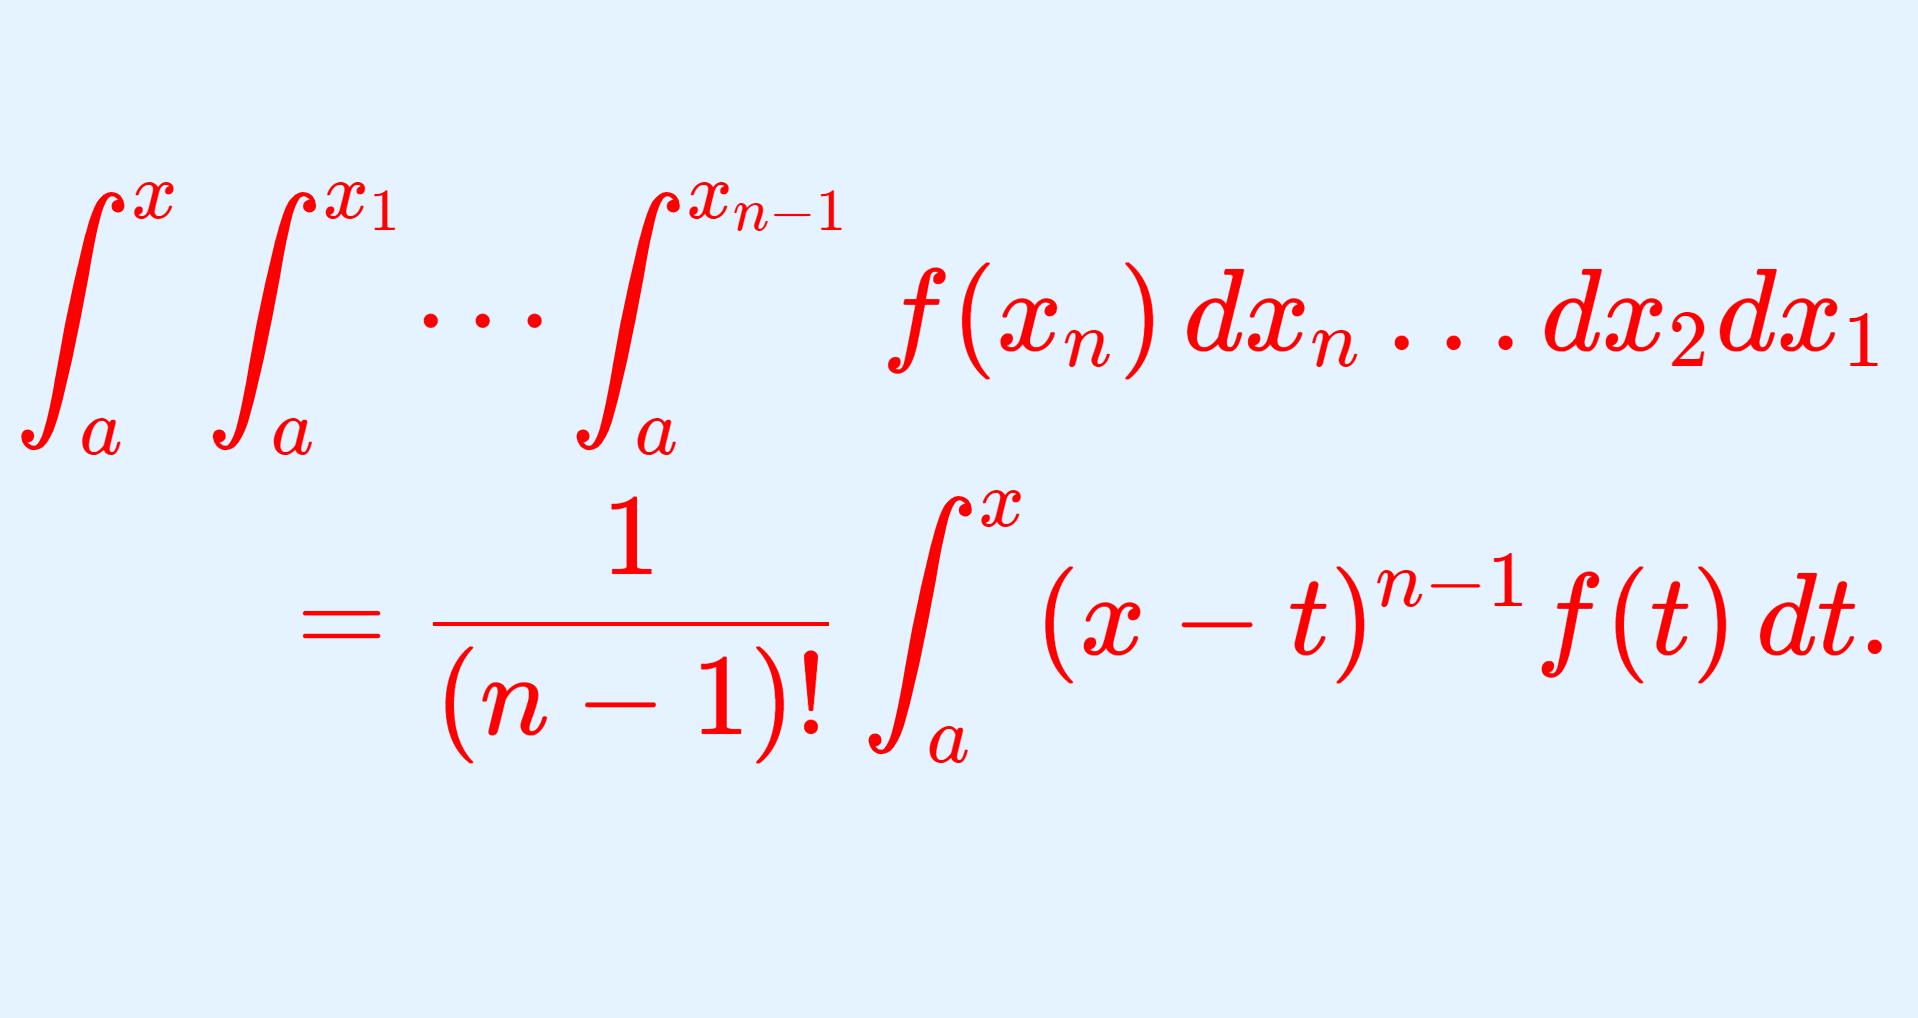 反復積分に関するコーシーの公式